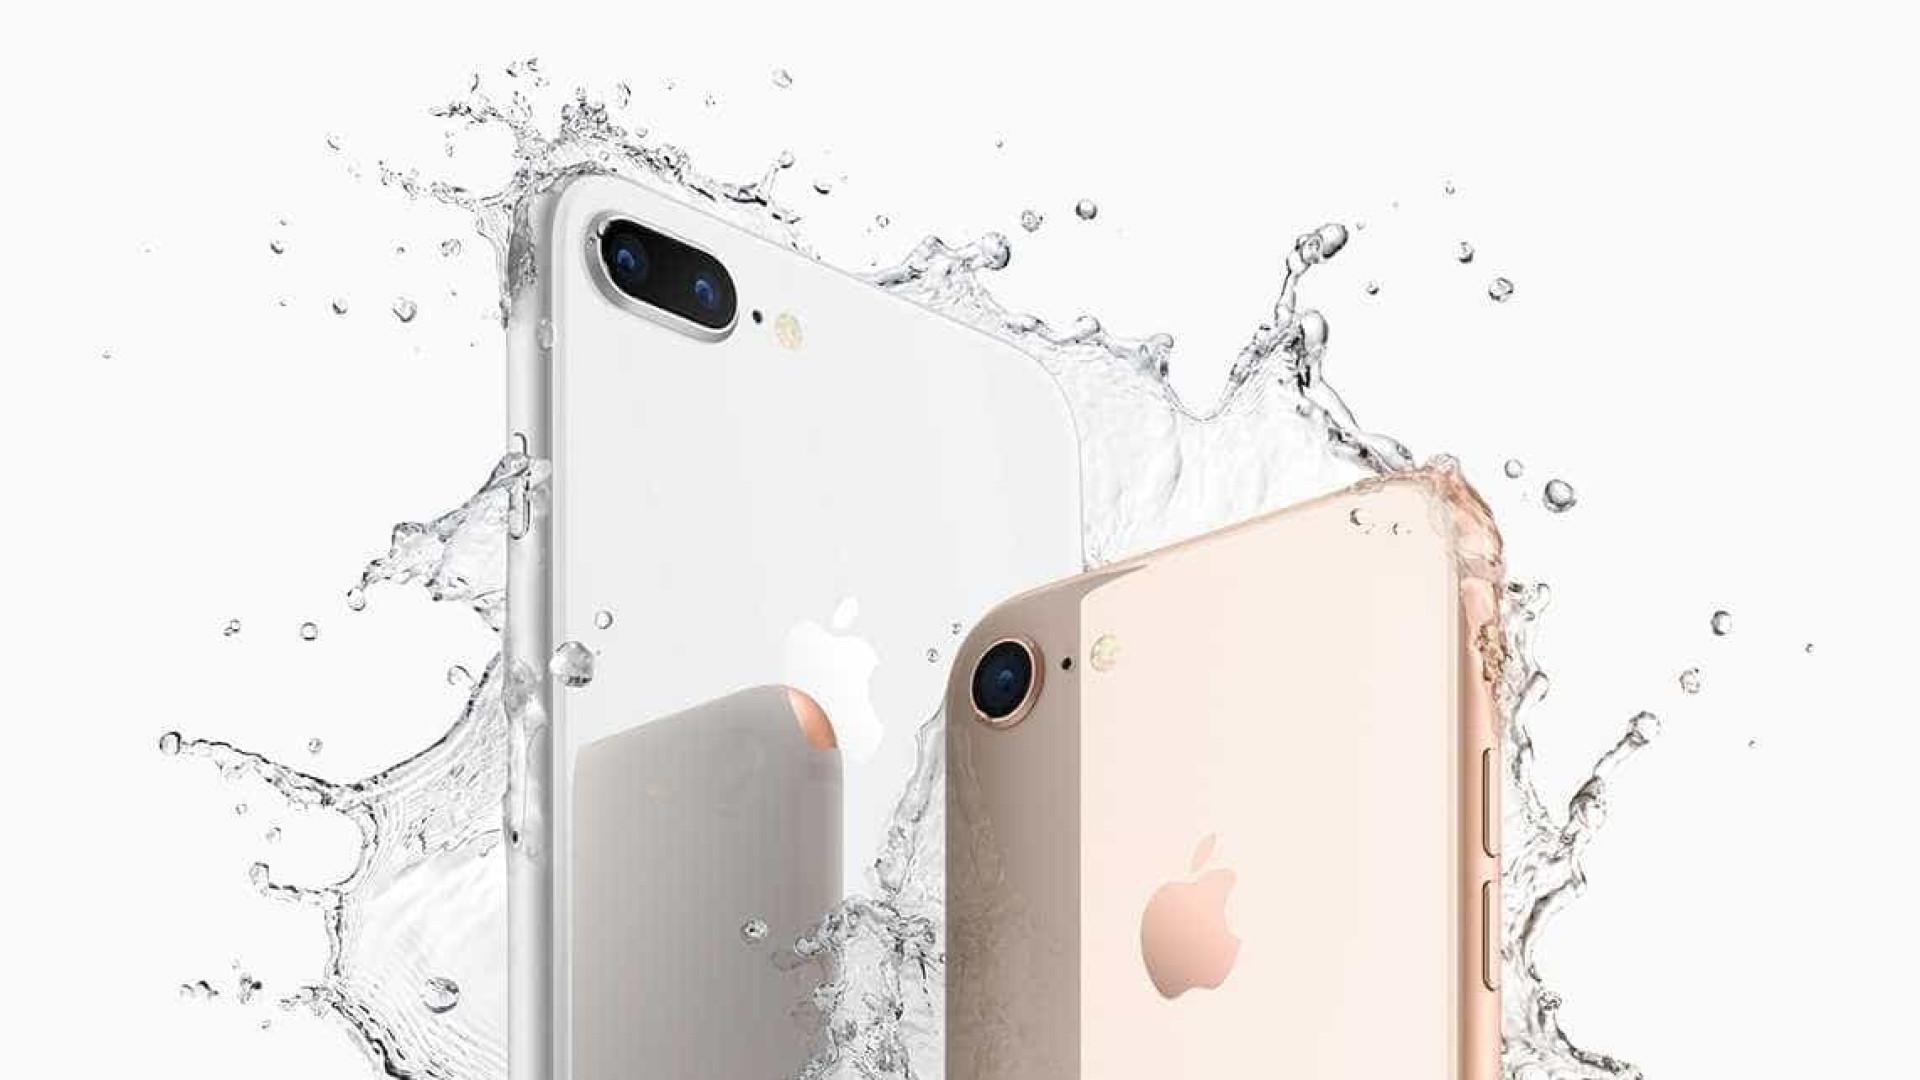 Novos iPhone chegam aos primeiros lugares na qualidade de fotografias